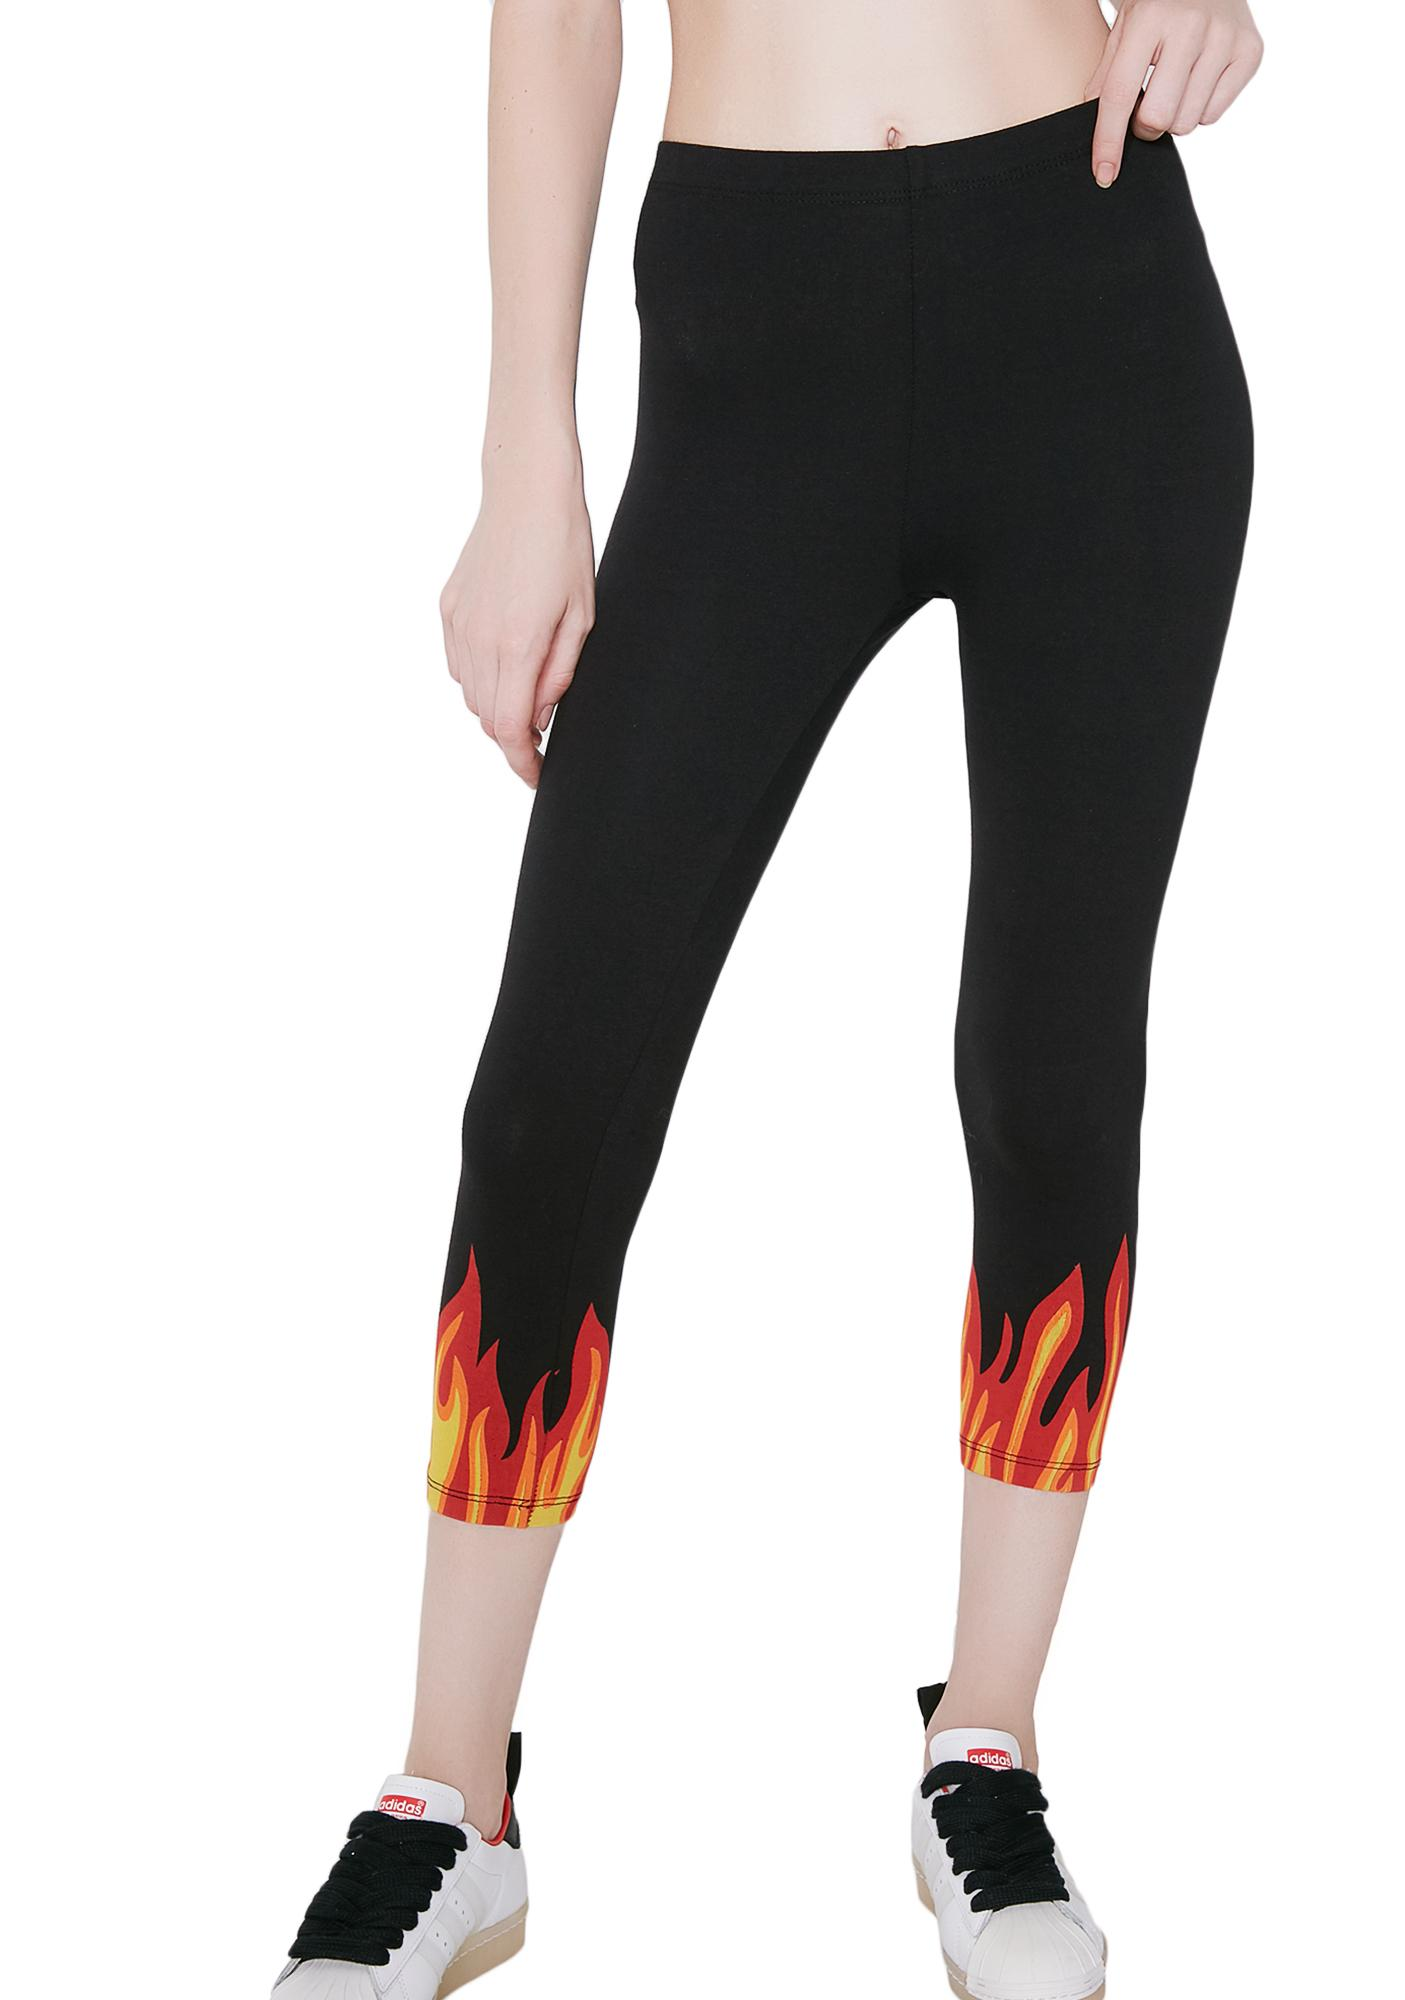 Up In Flames Leggings